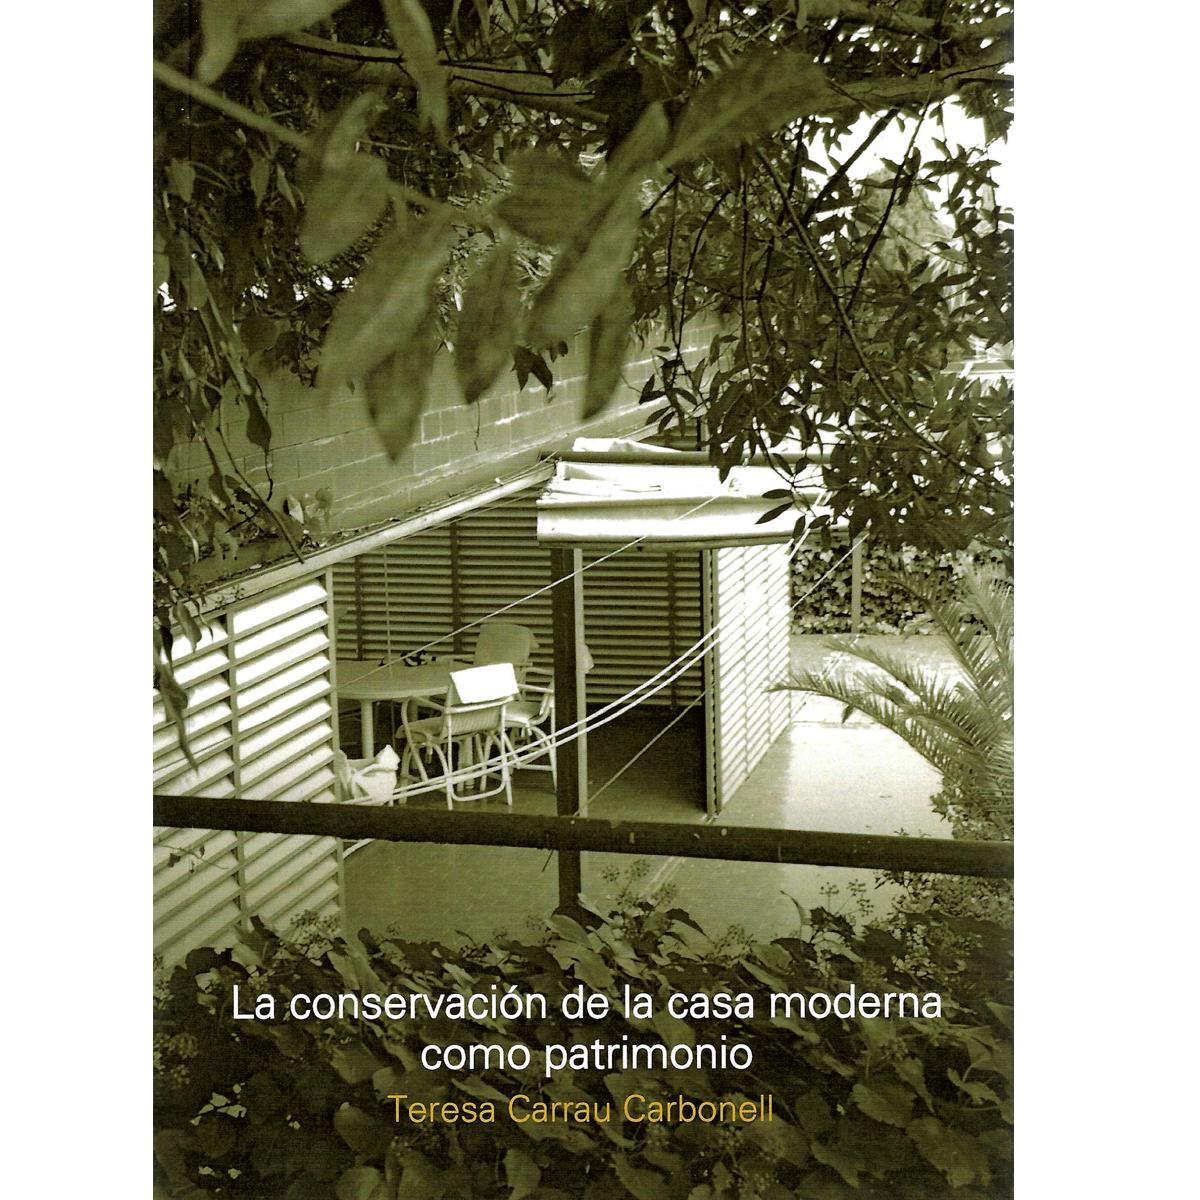 La conservación de la casa moderna como patrimonio